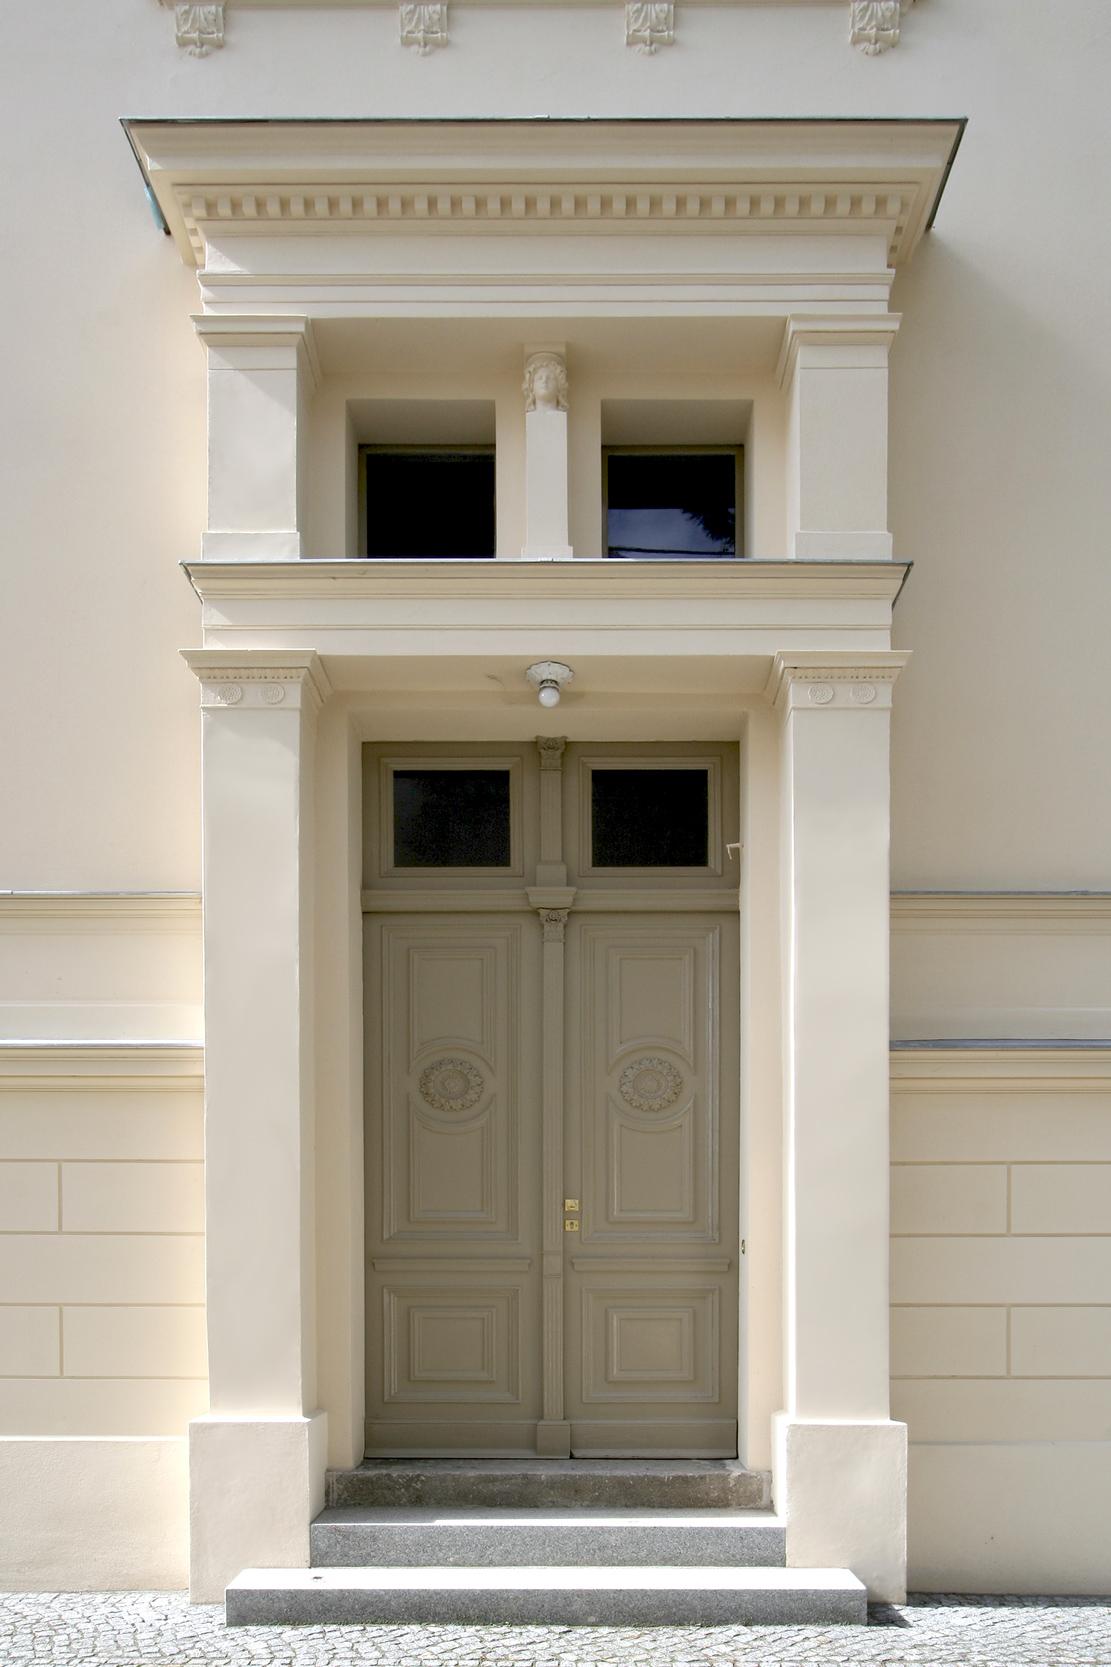 Das Eingangsportal prägt in in klassizistischer Zurückhaltung die Doppelflügeltür mit darüber liegenden Oberlichtern.